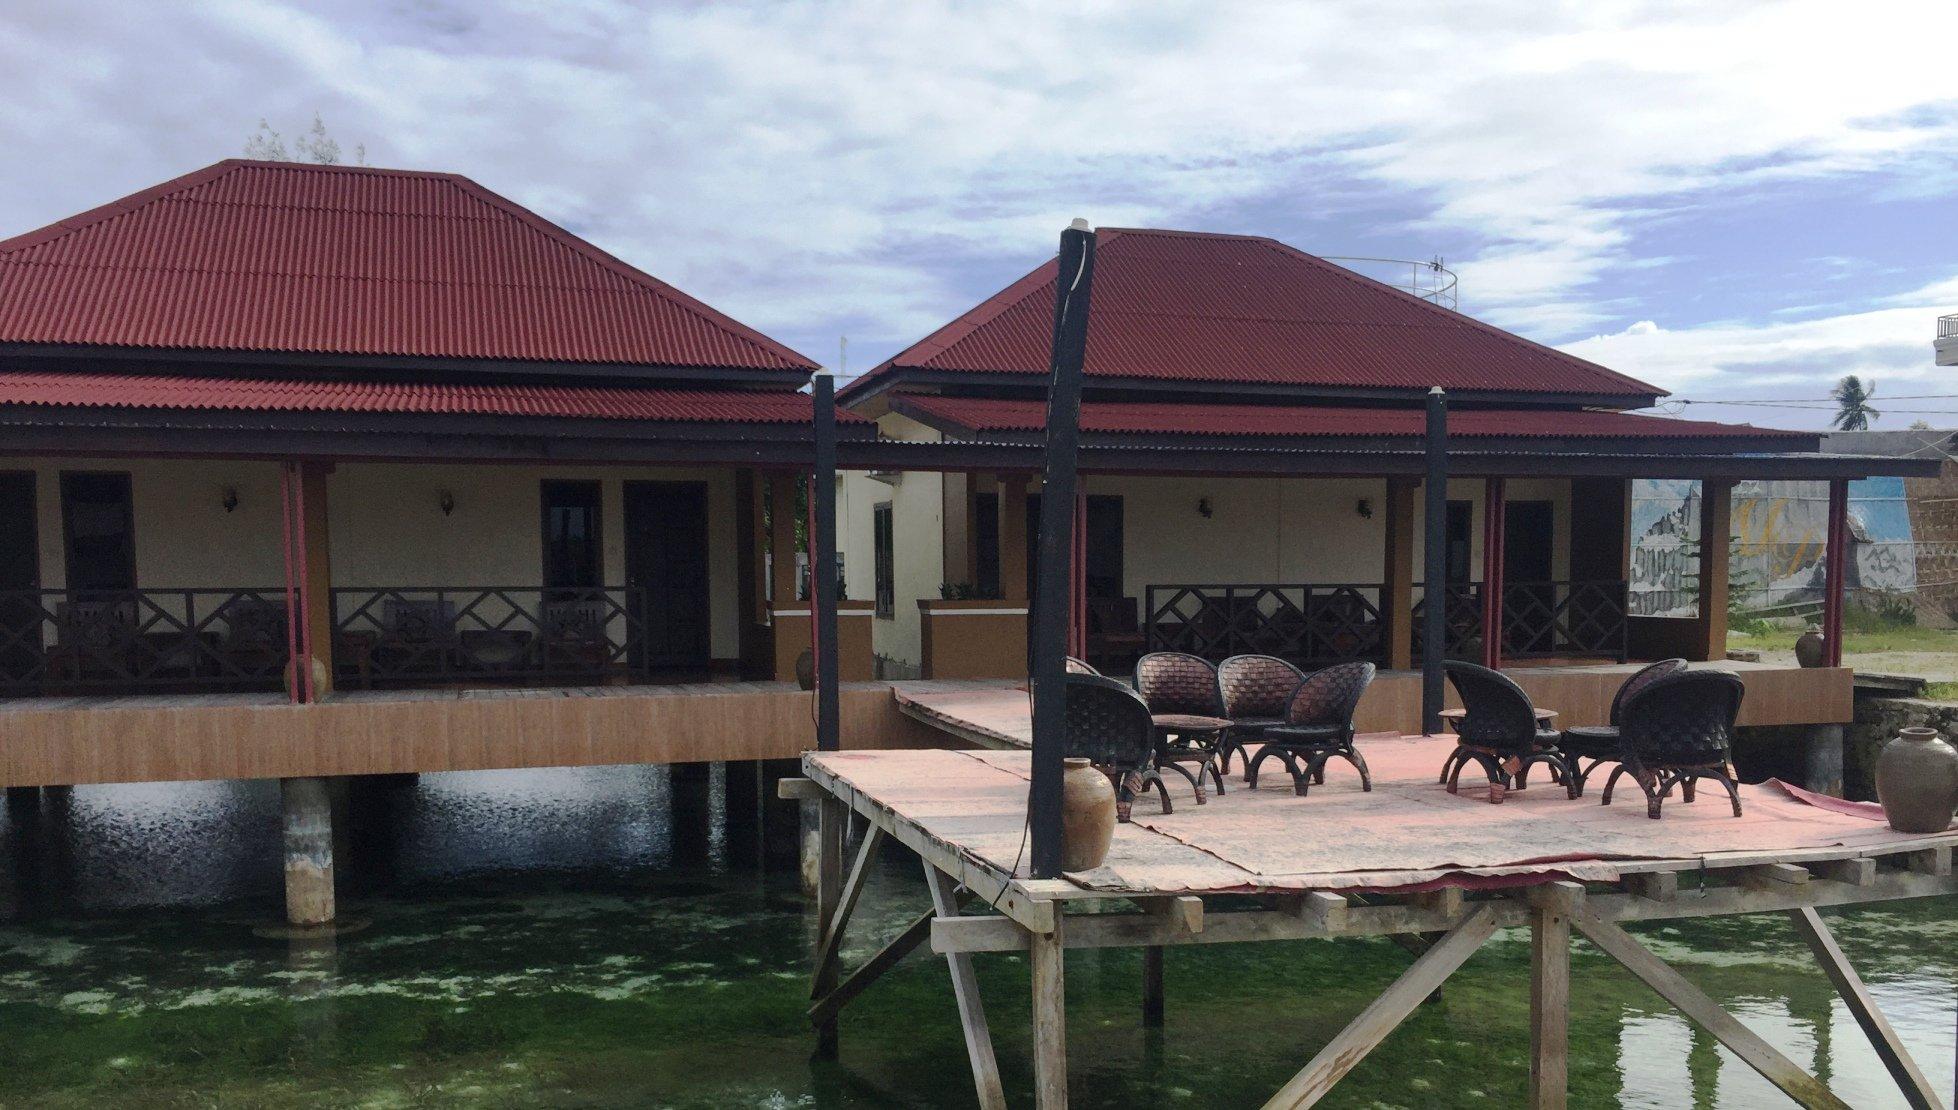 Wisata beach hotel